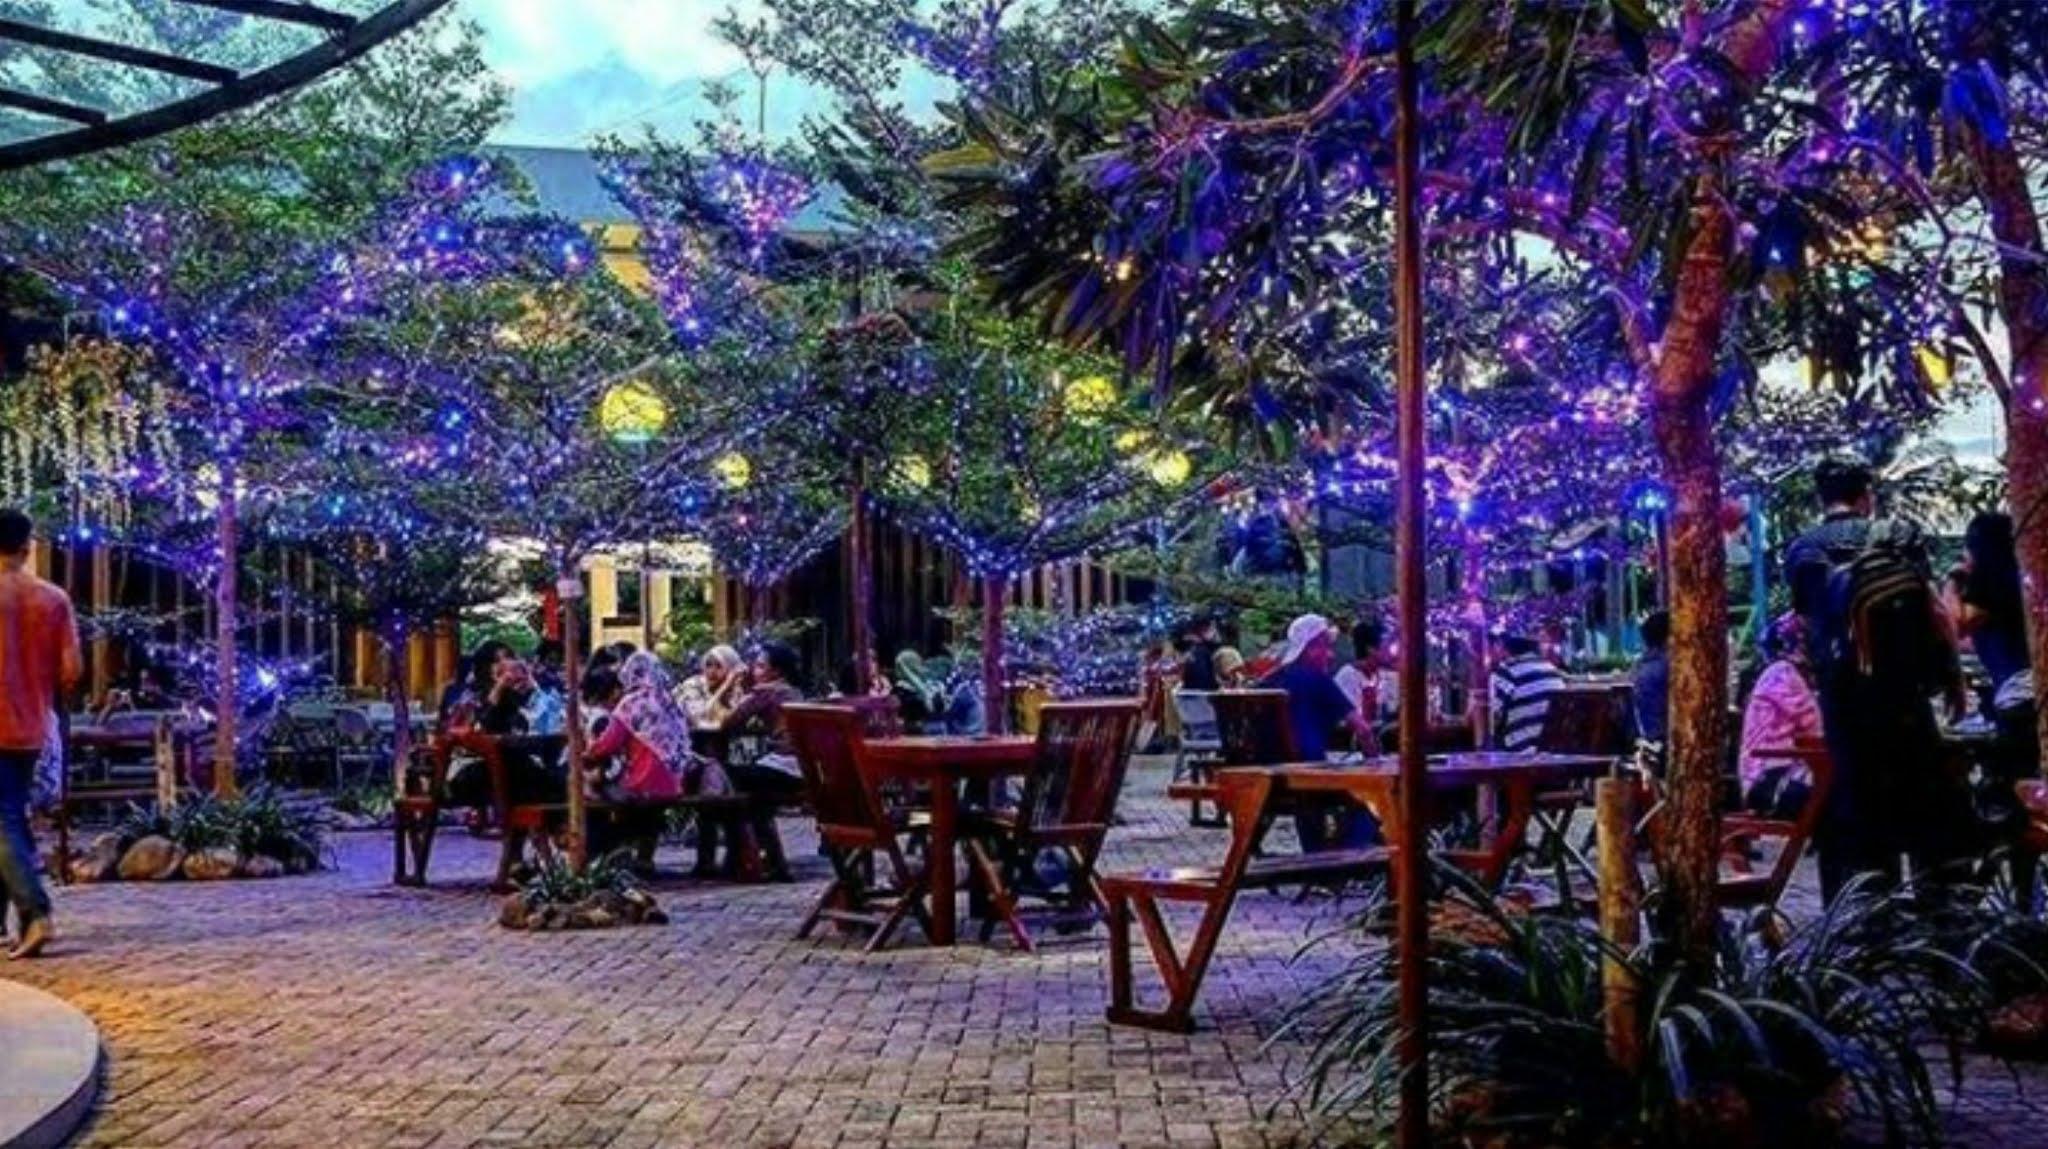 Food Court live musik dan taman di lampung walk